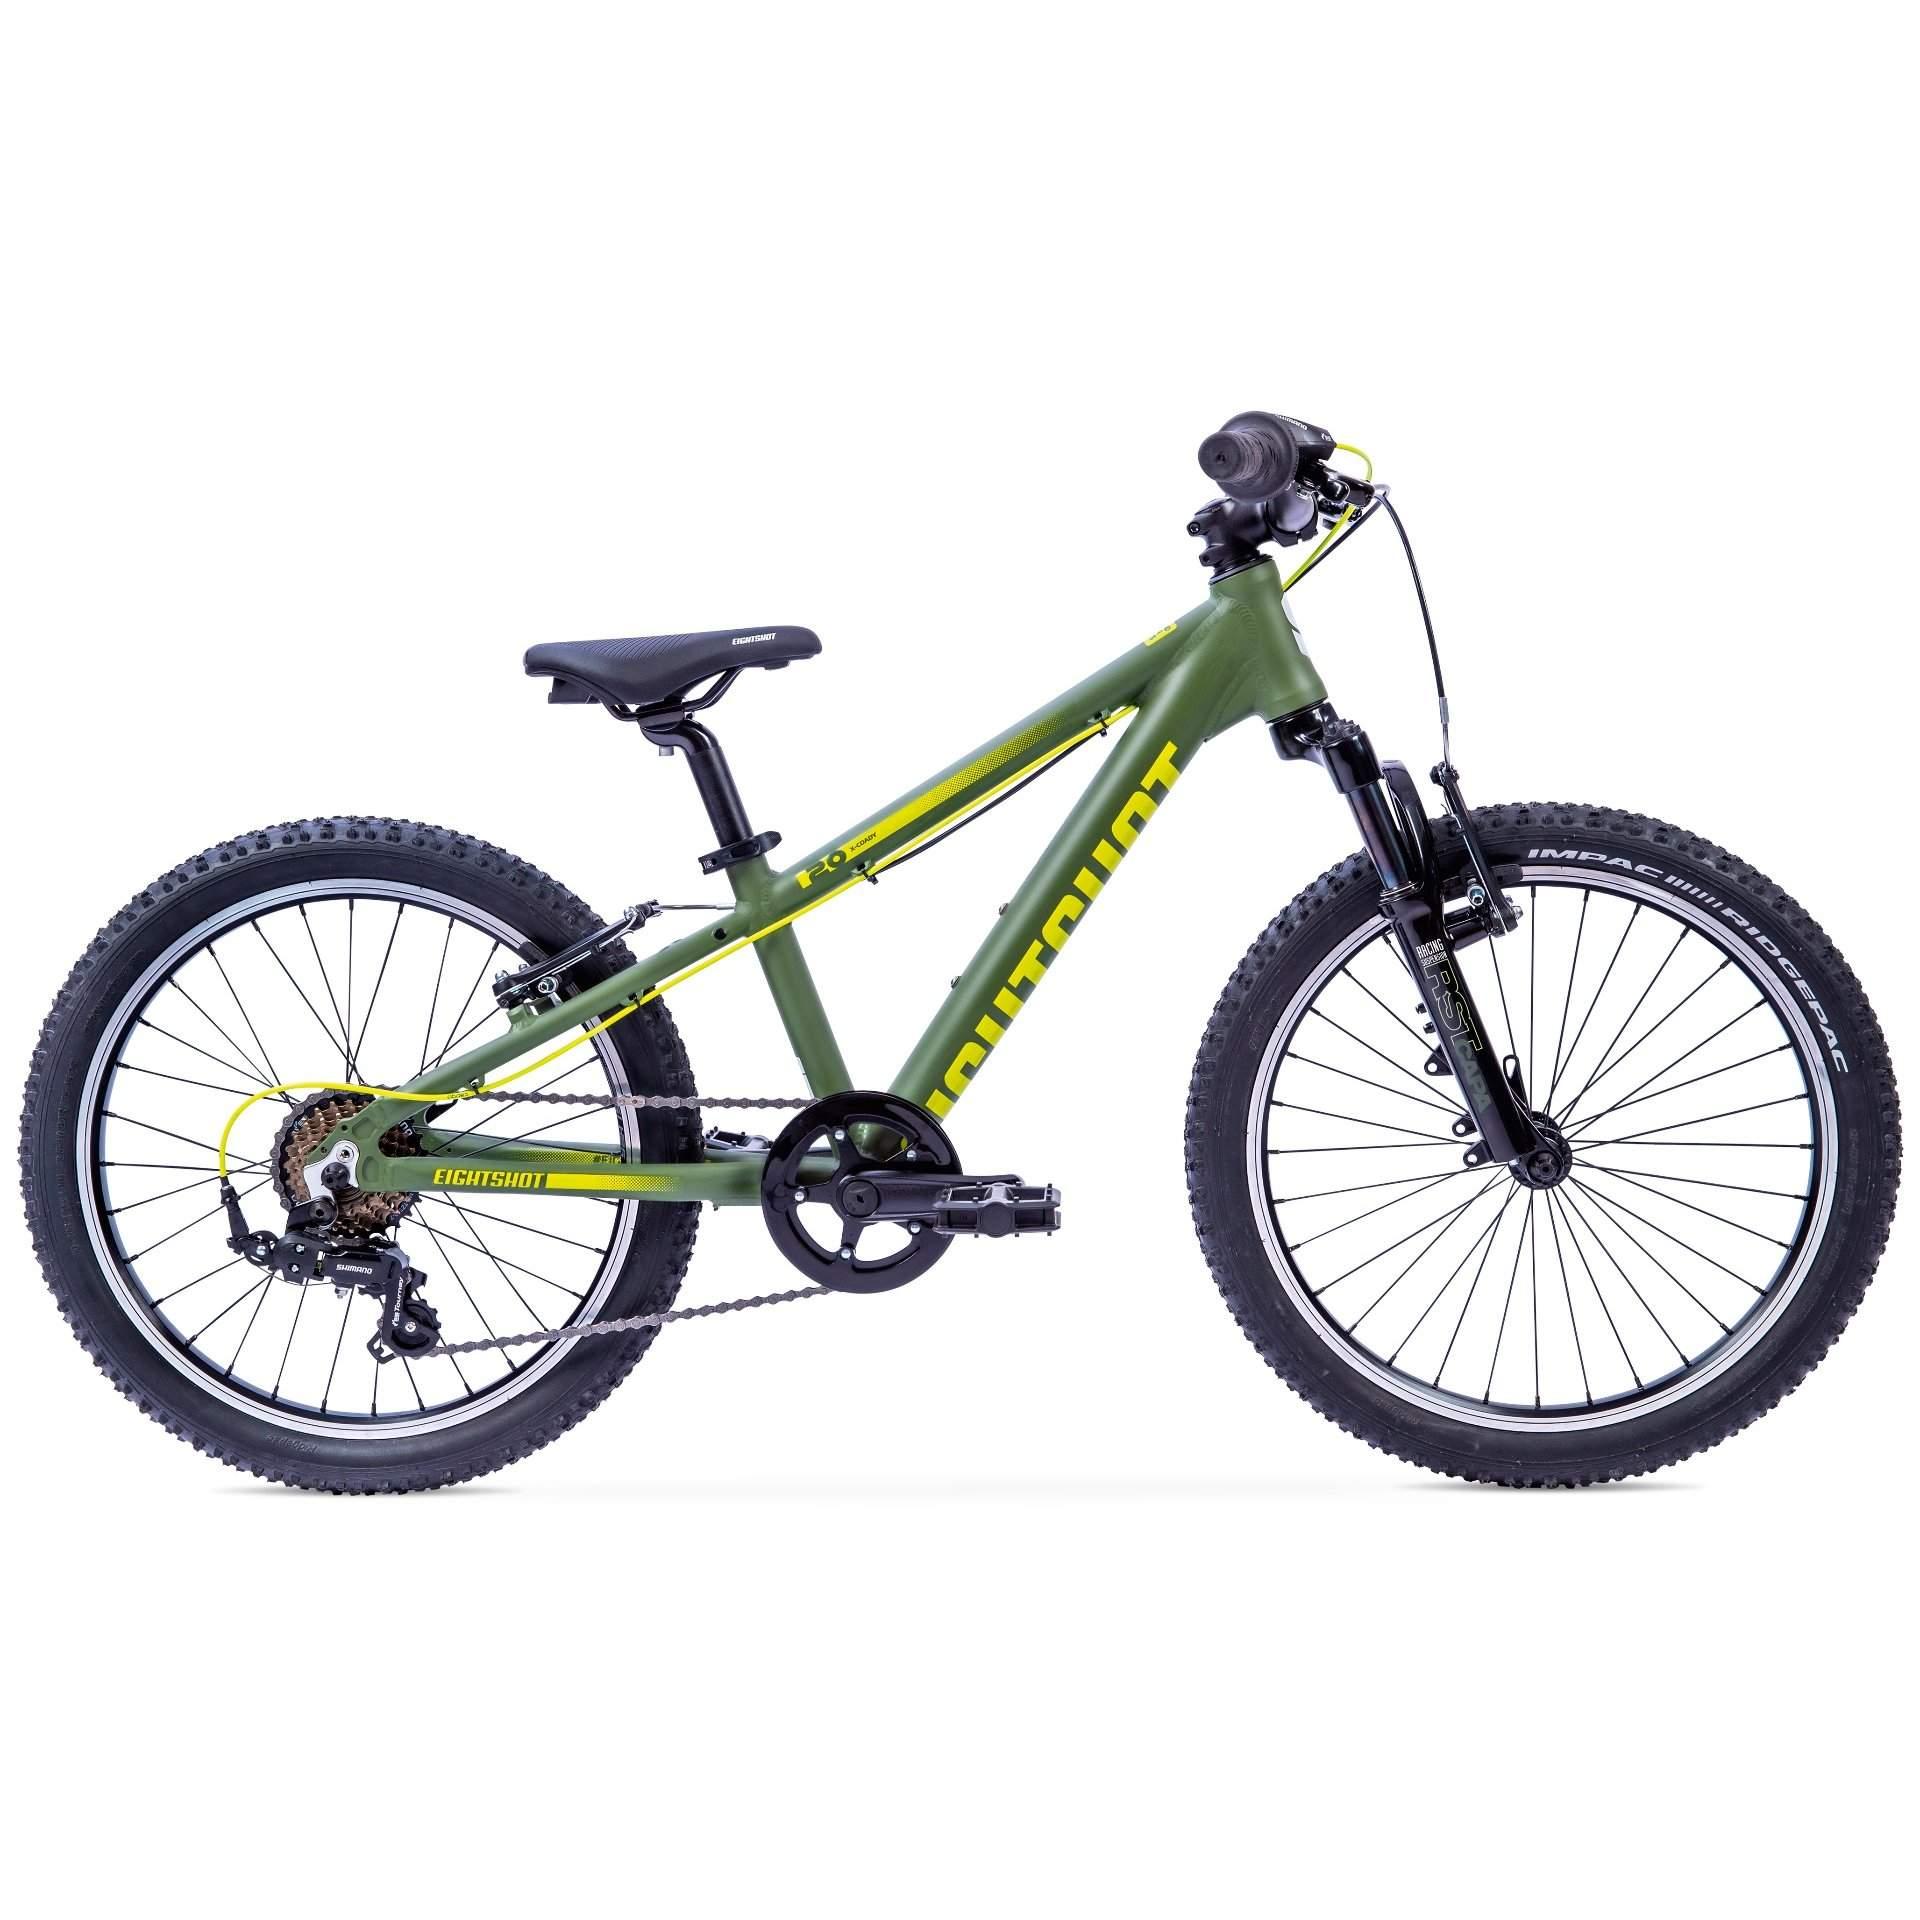 ROWER EIGHTSHOT X-COADY 20 FS 7020 GREEN 1